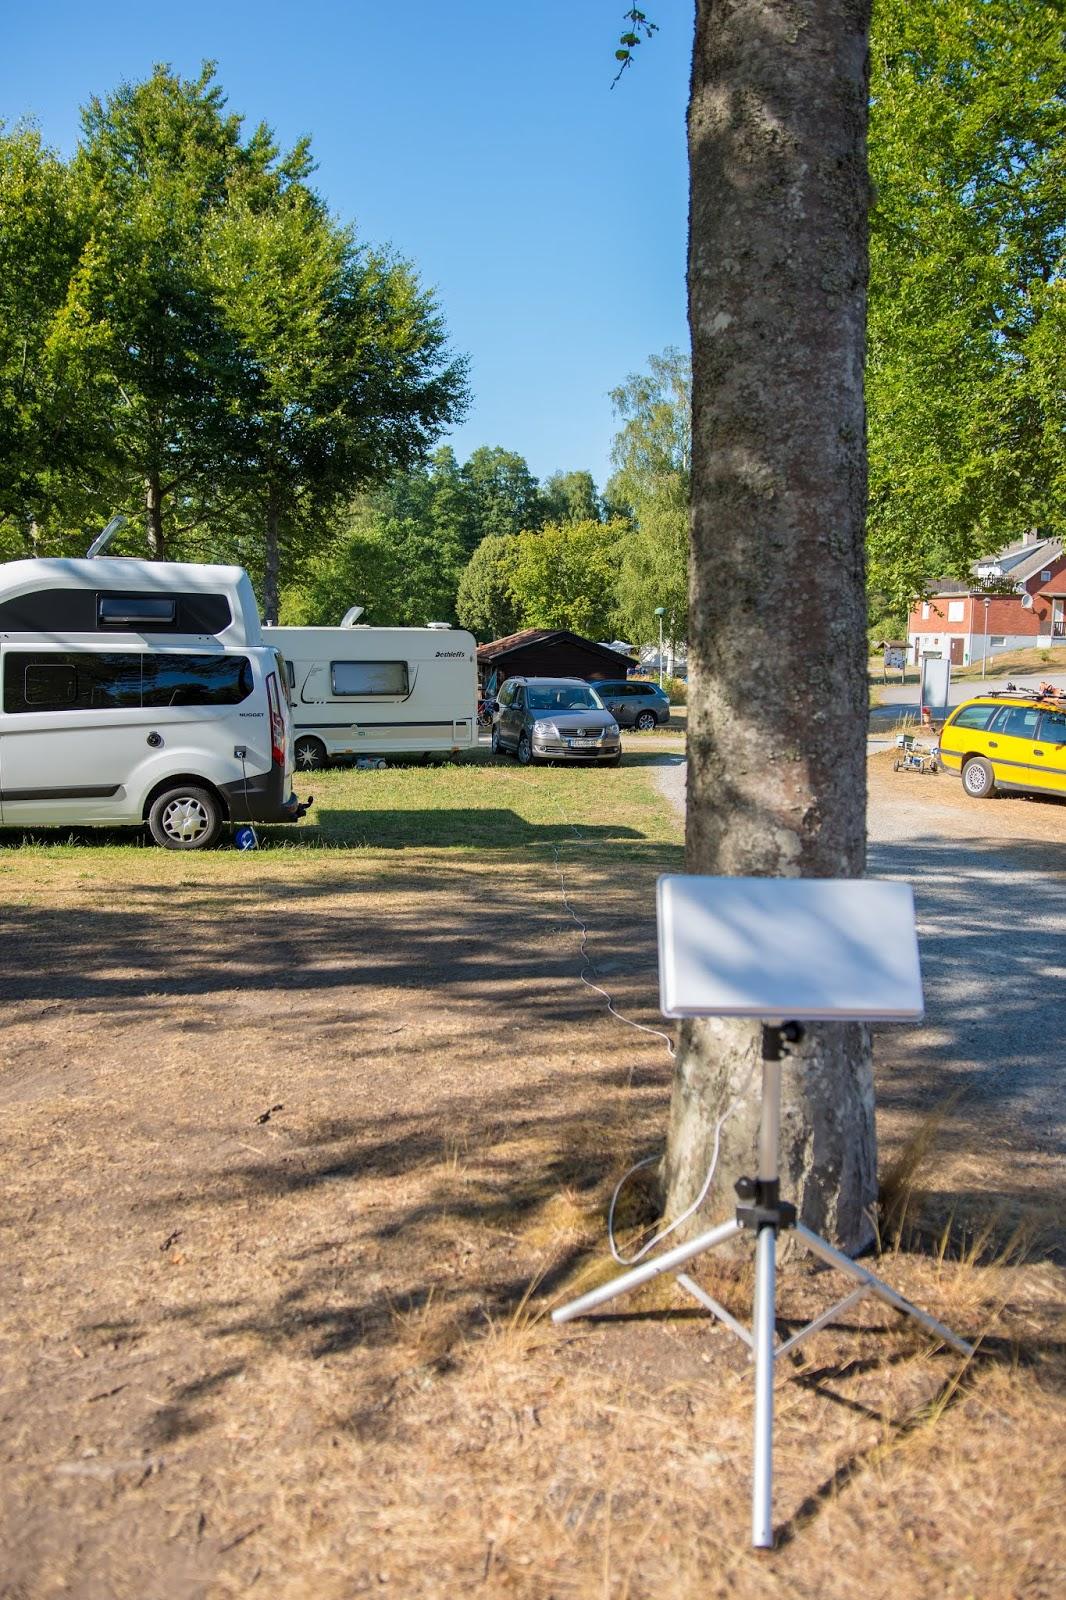 camping im norden sat kabel f r den wohnwagen. Black Bedroom Furniture Sets. Home Design Ideas